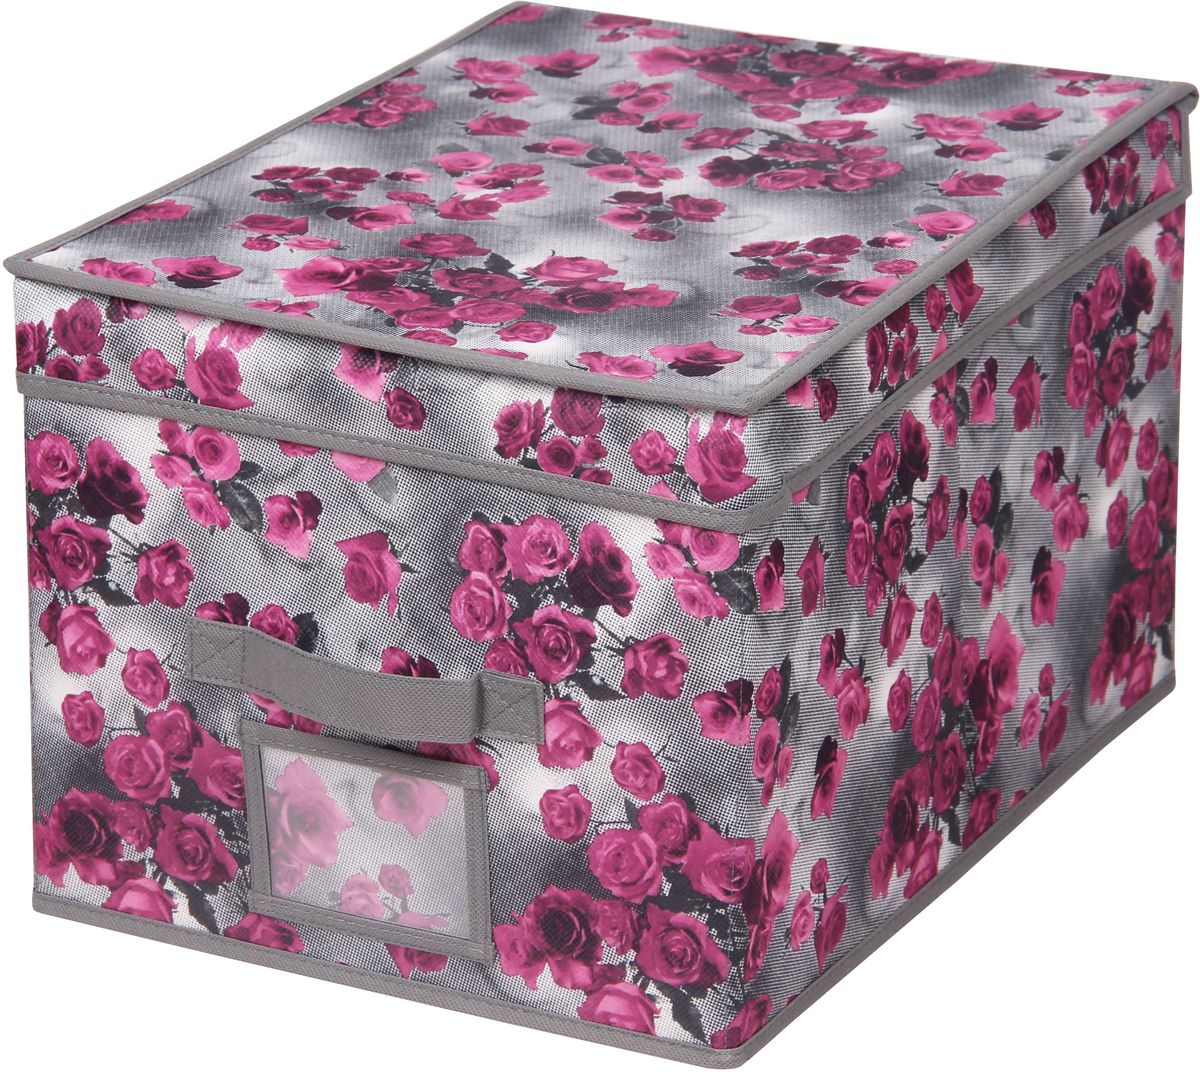 Короб для хранения Handy Home Роза, складной, с крышкой, 40 х 50 х 25 смUC-61Короб для хранения Handy Home Роза - прямоугольный складной короб с крышкой. Занимает минимум места в сложенном виде. Естественная вентиляция: материал позволяет воздуху свободно проникать внутрь, не пропуская пыль. Подходит для хранения одежды, обуви, мелких предметов, документов и многого другого.Размер: 40 х 50 х 25 см.